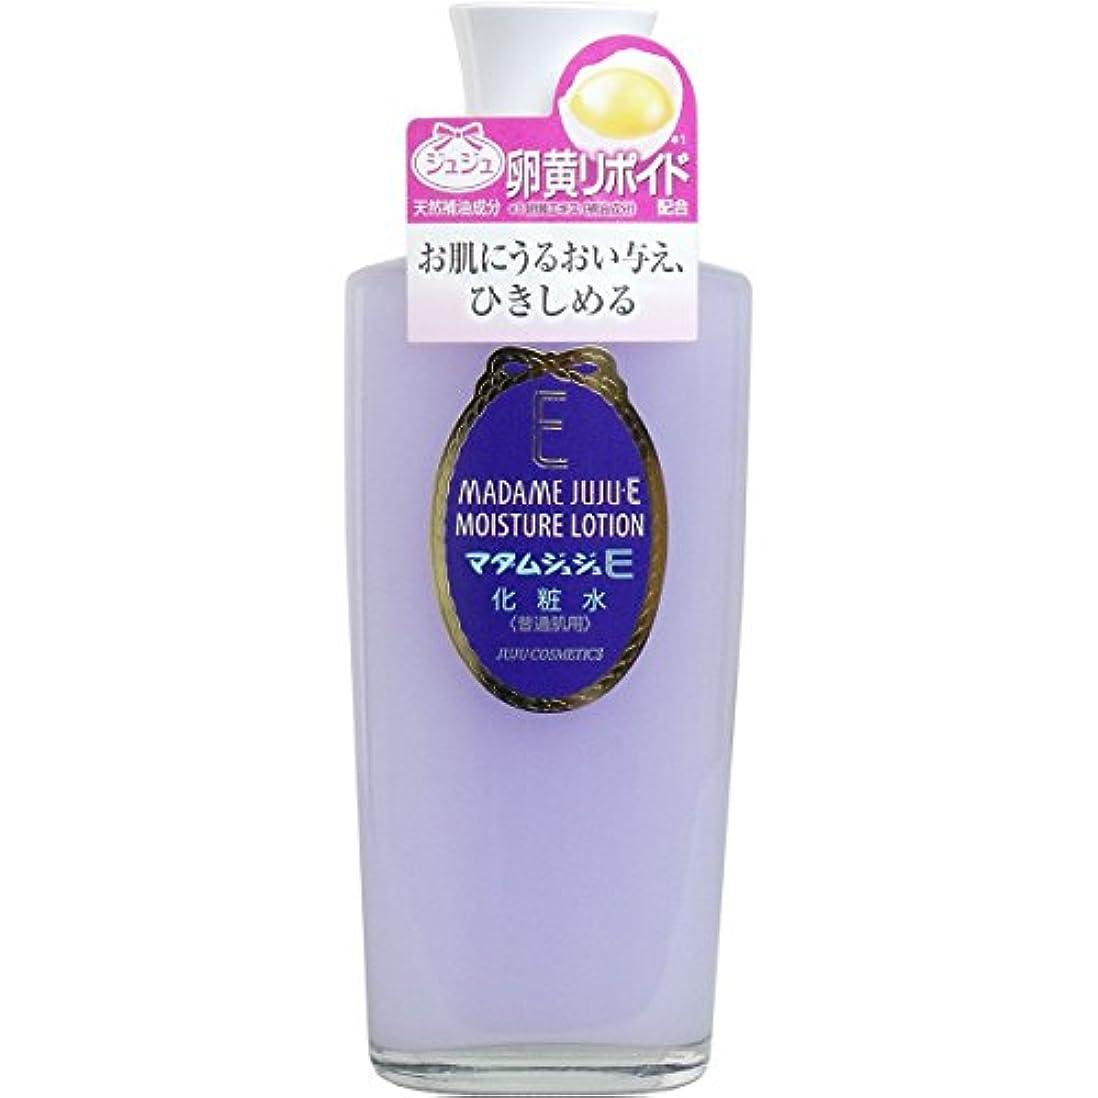 マダムジュジュE 化粧水 150ml